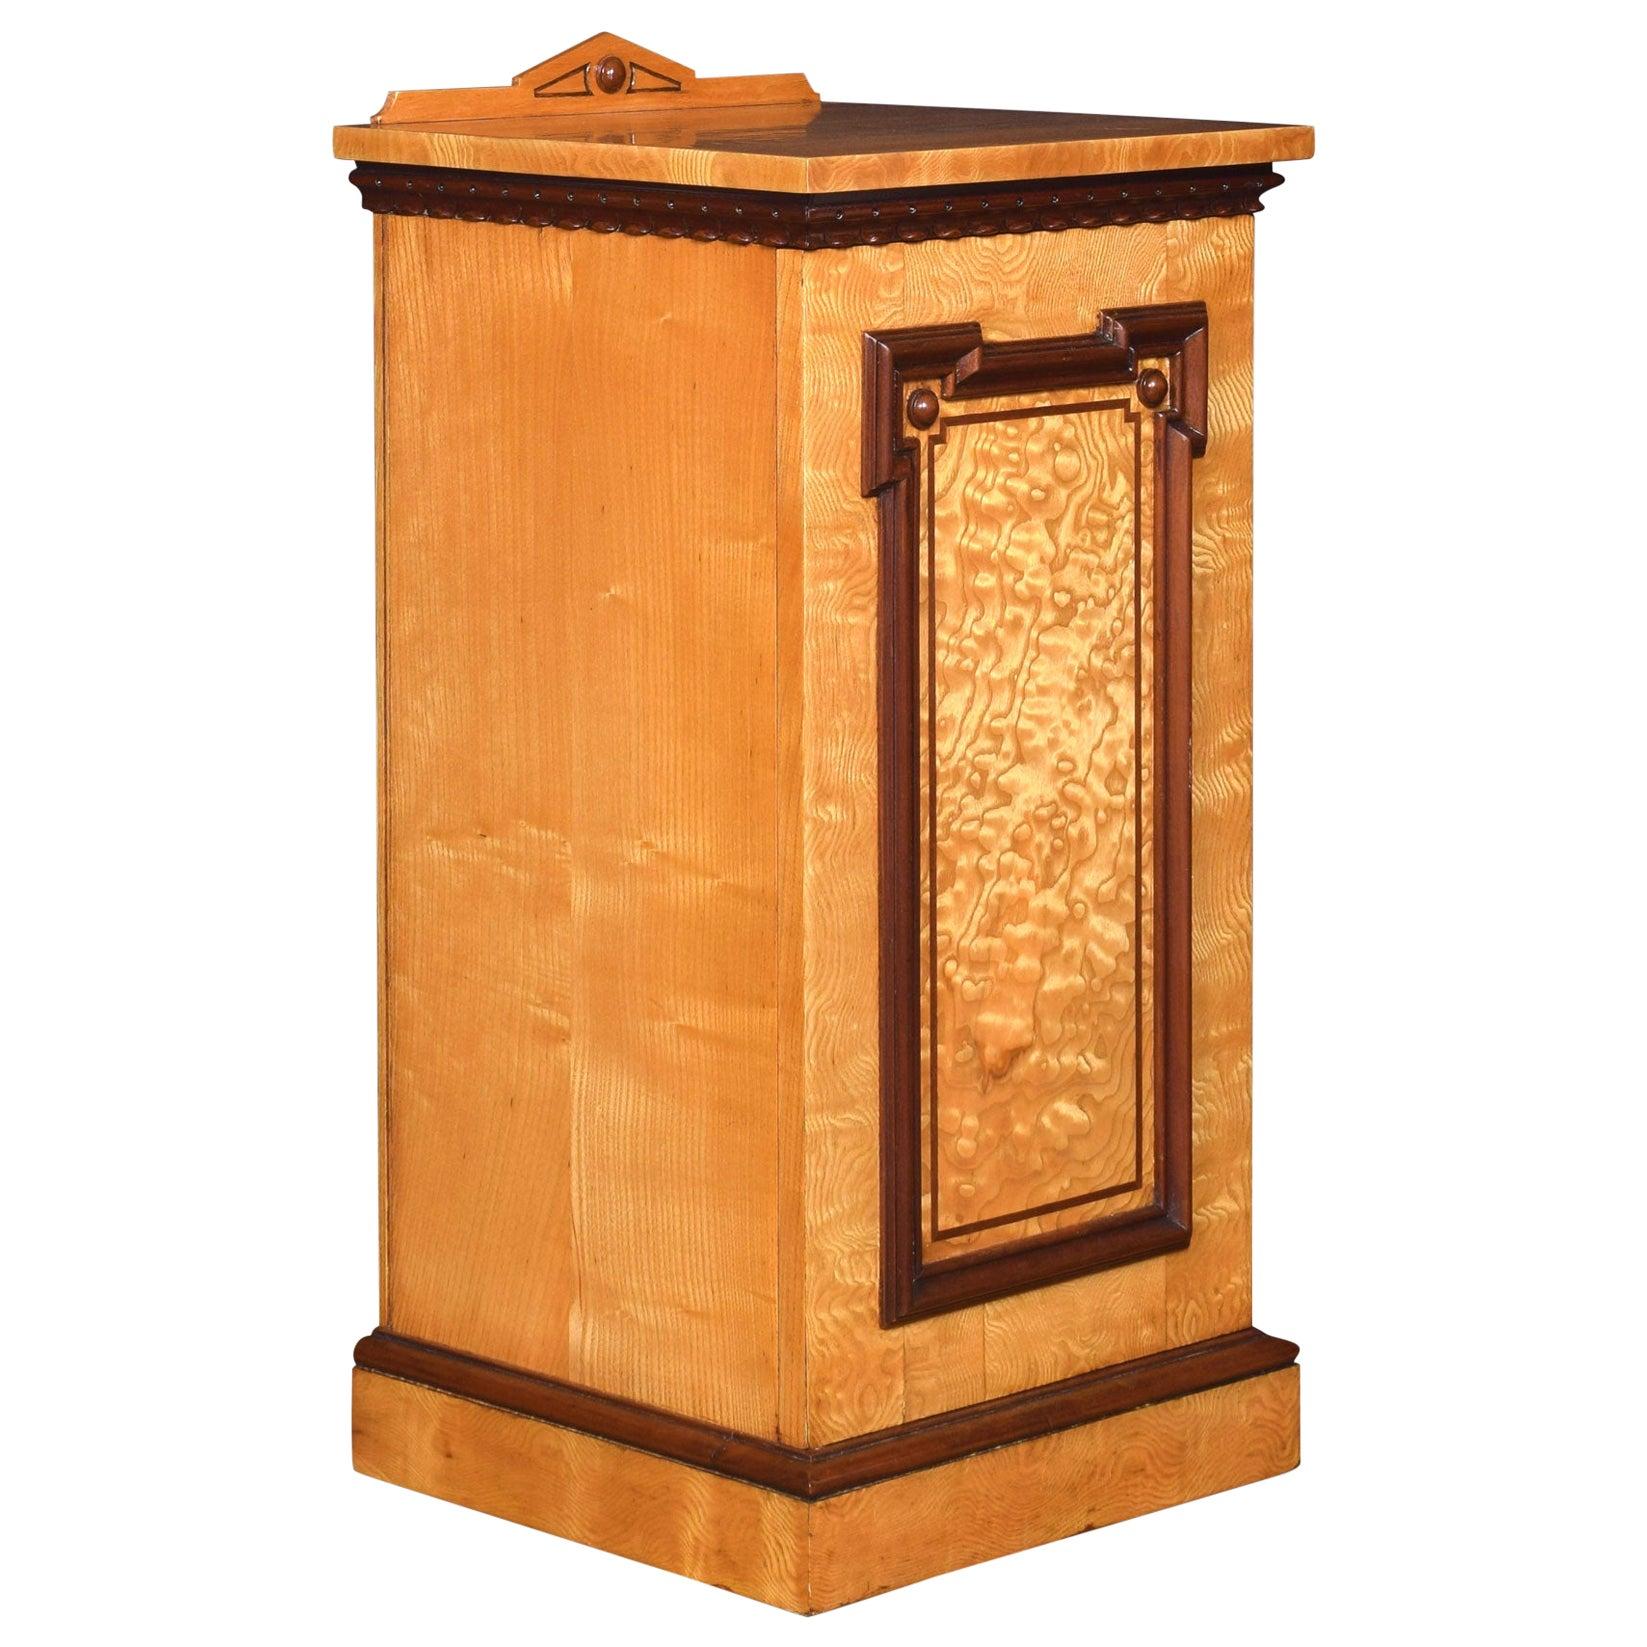 Figured Ash Bedside Cabinet